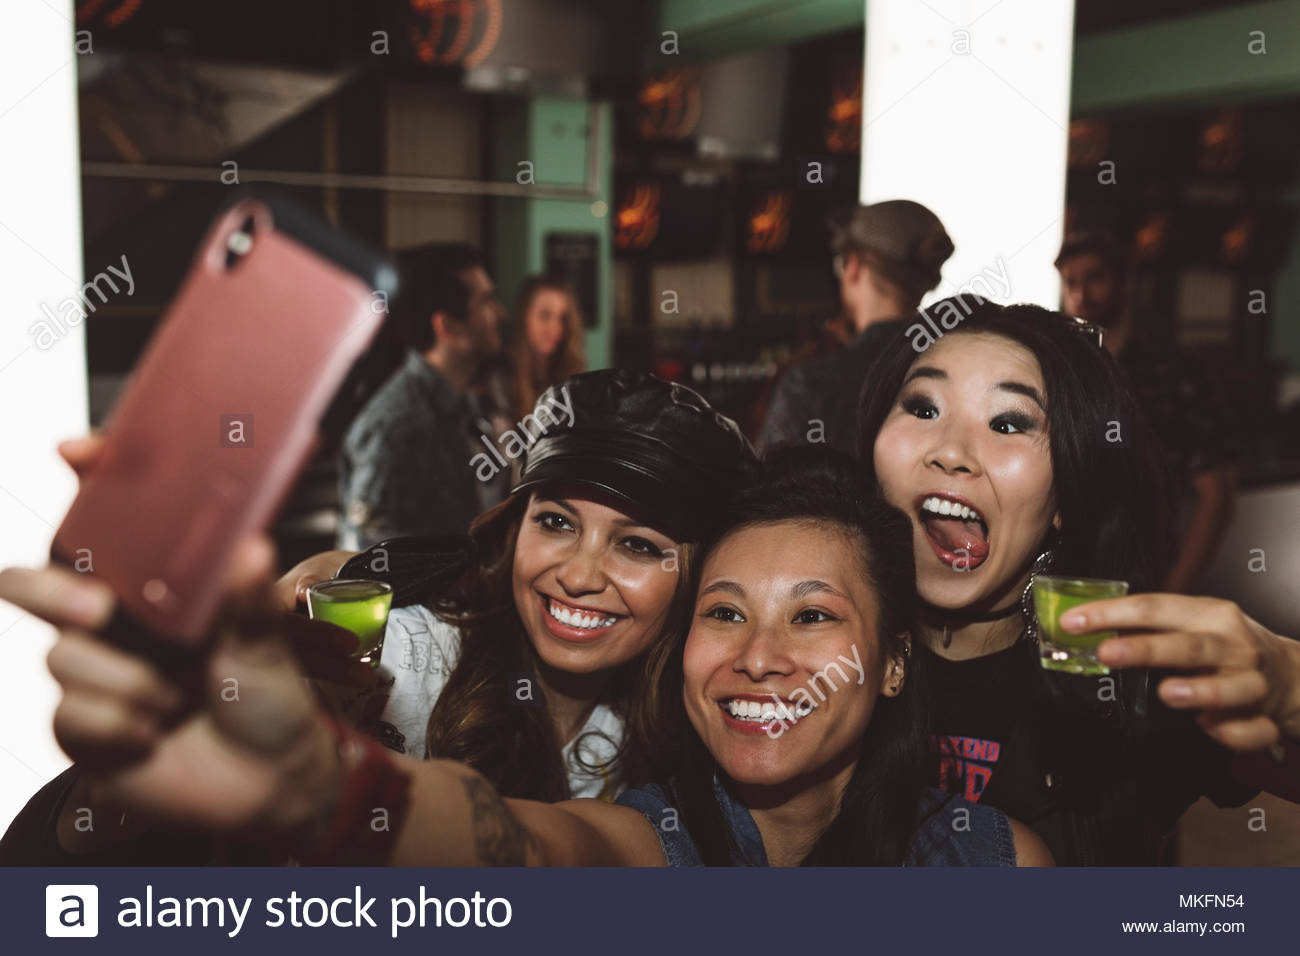 Verspielt, ausgelassenen jungen weiblichen tausendjährigen Freunde Aufnahmen und unter selfie in Nachtclub Stockbild